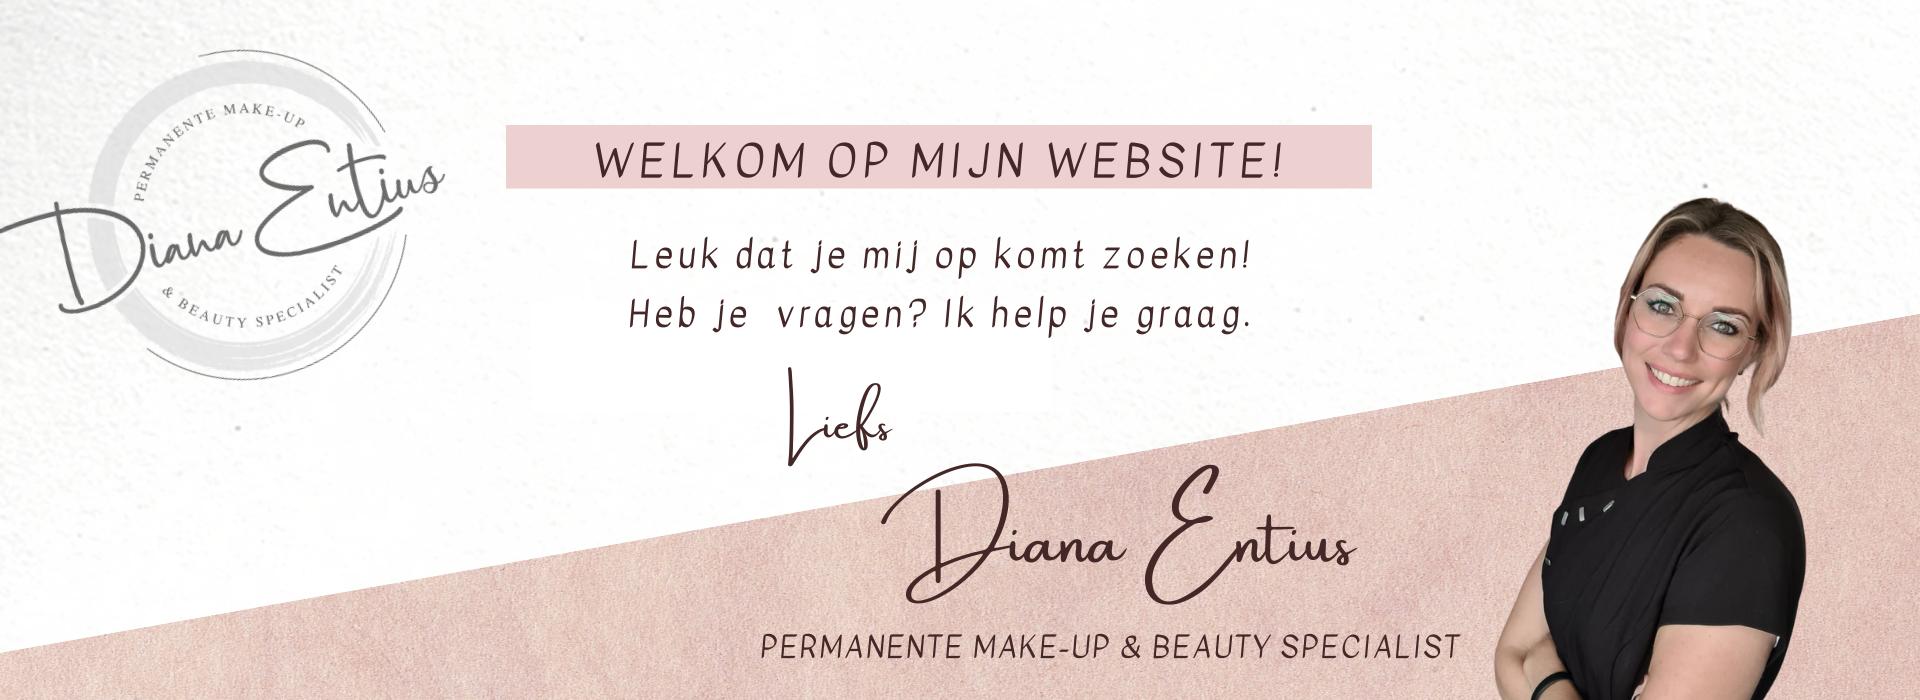 Diana Entius